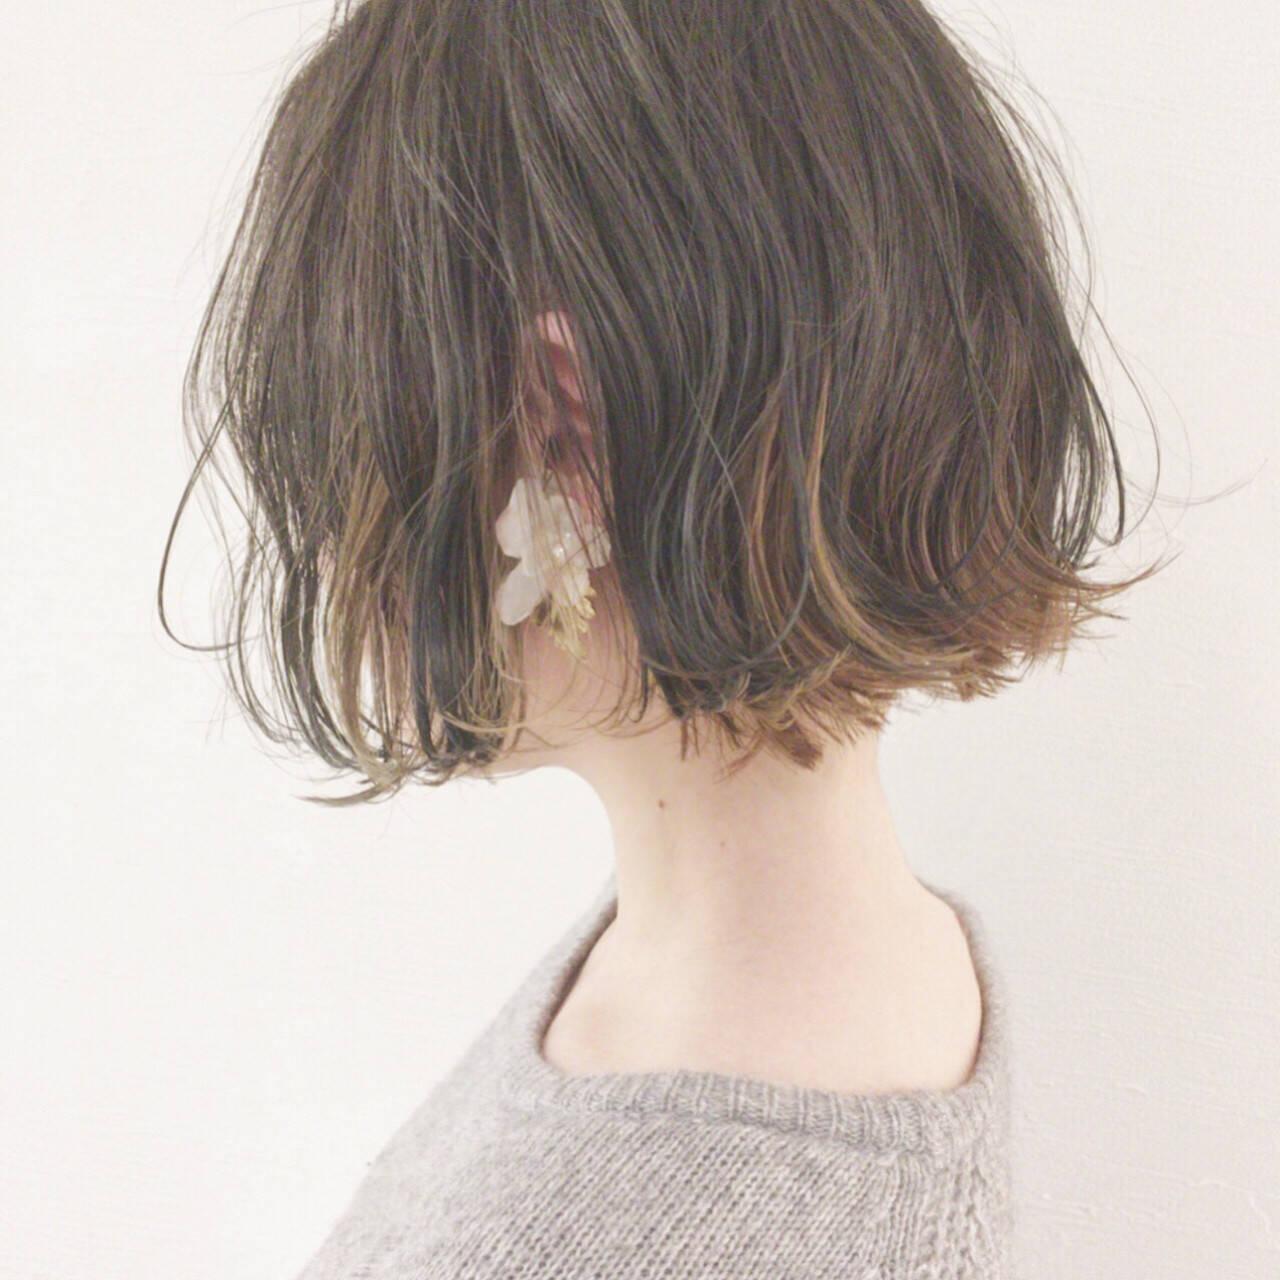 ゆるふわ 大人かわいい ナチュラル ボブヘアスタイルや髪型の写真・画像